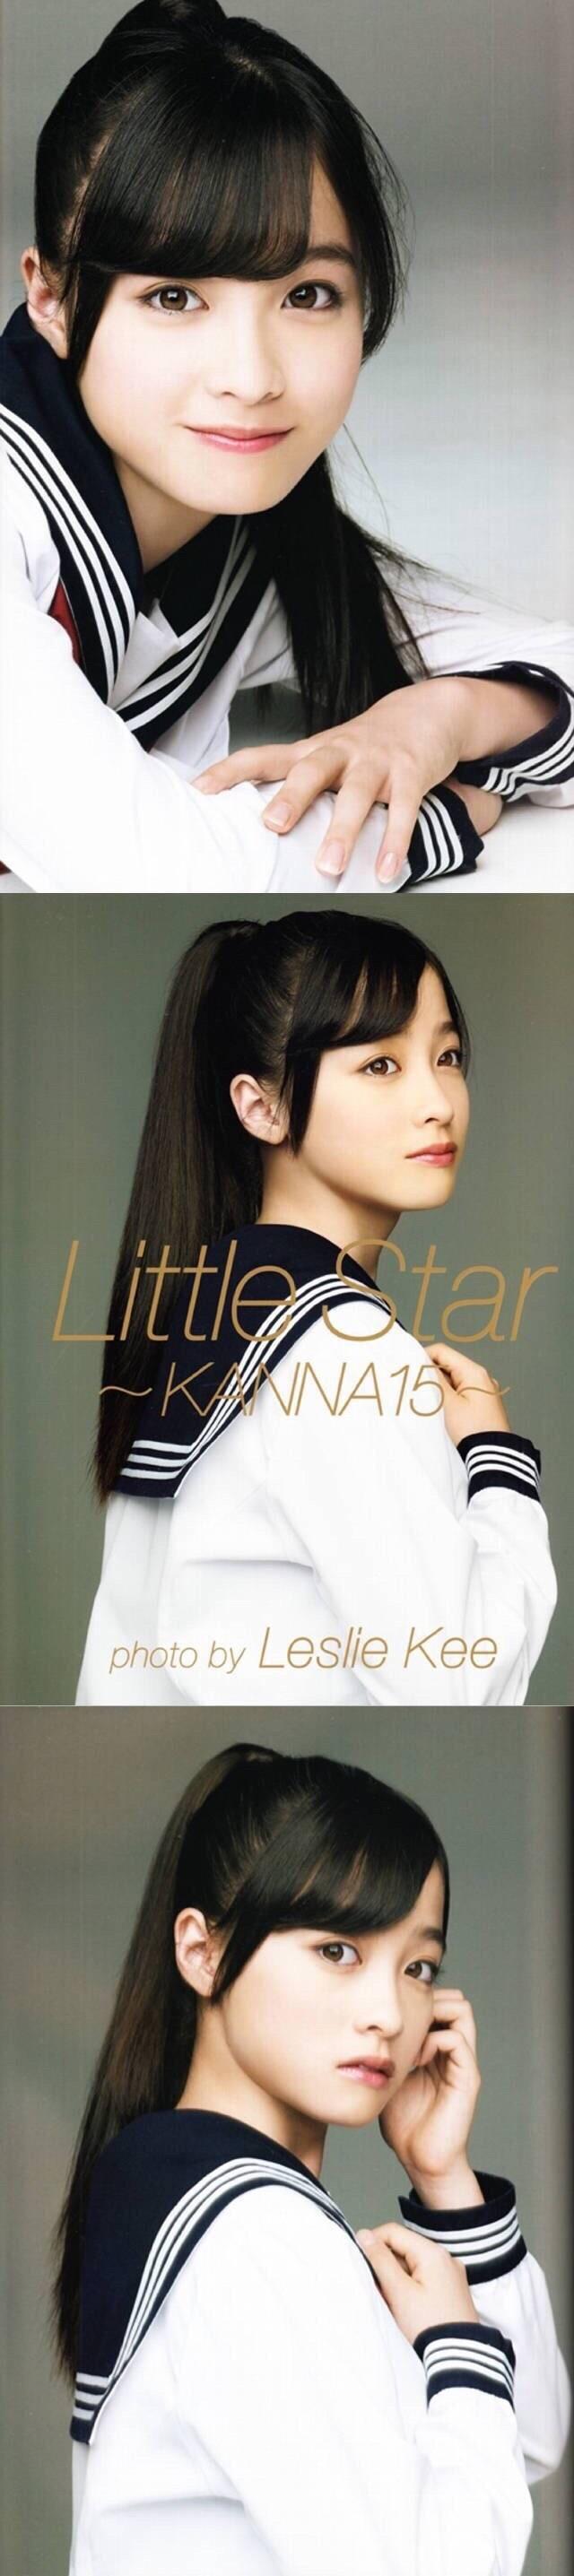 桥本环奈《Little Star KANNA15》写真集 